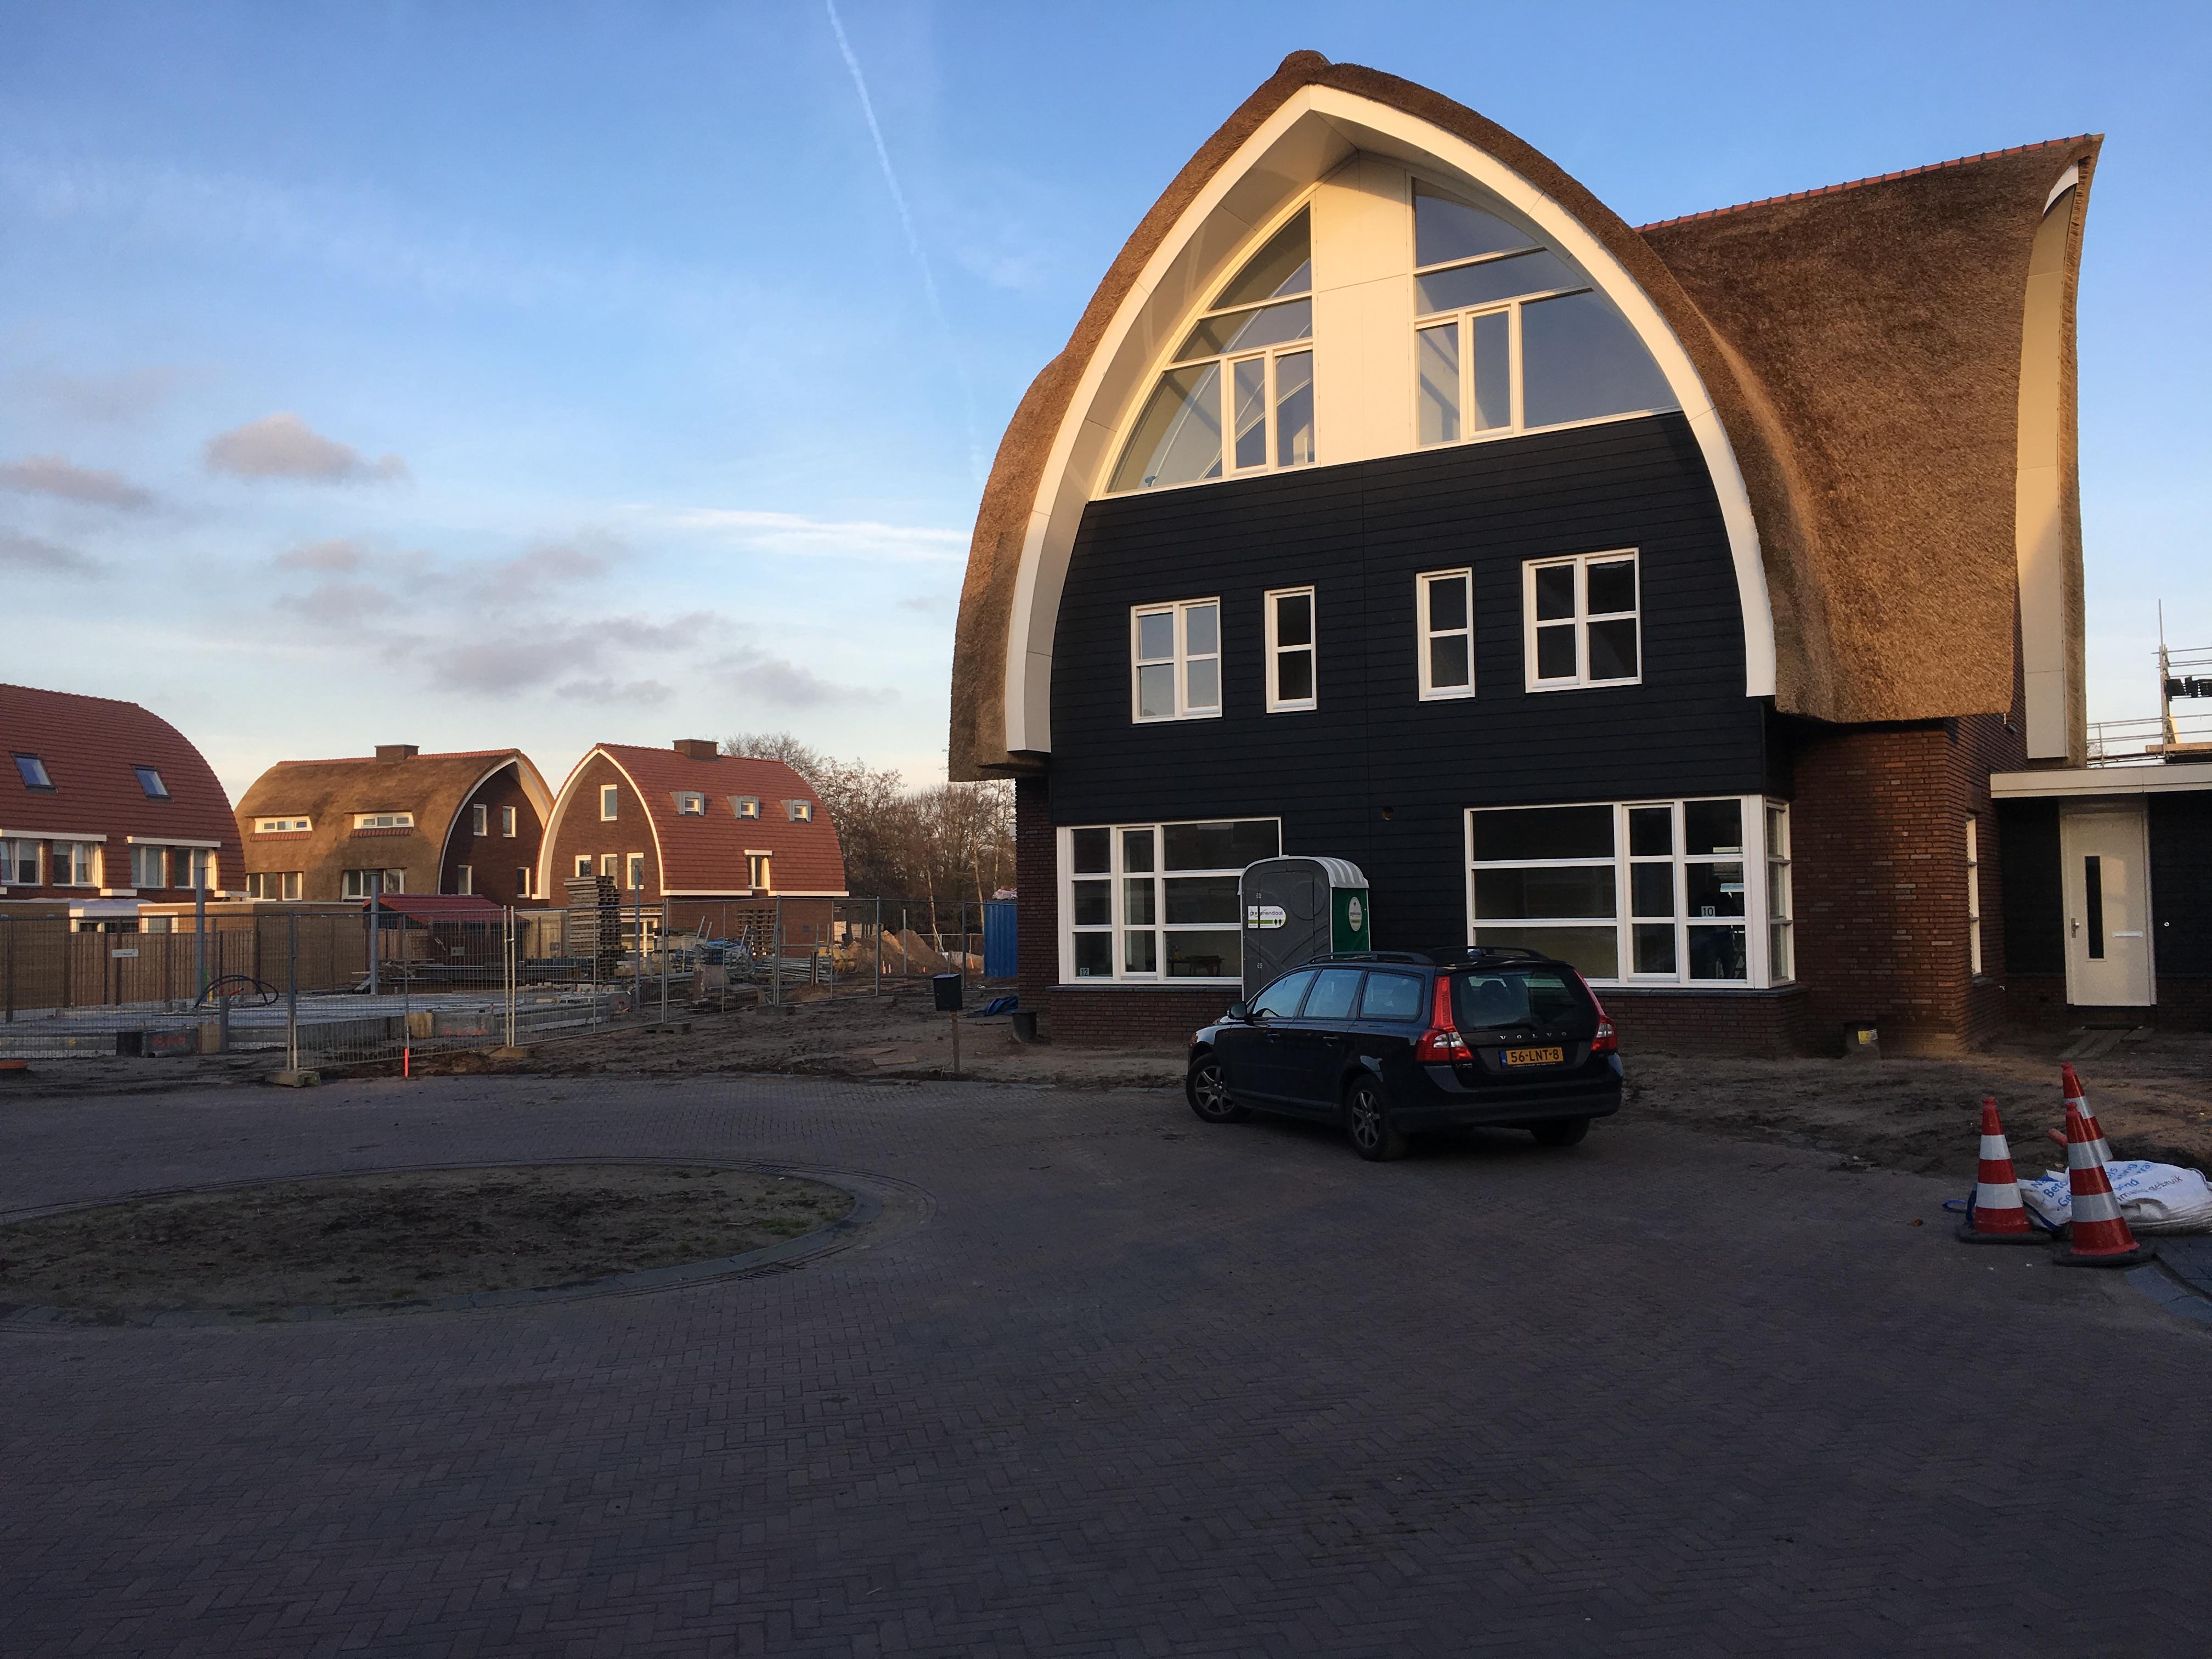 Bijzonder wonen in Villapark Lavendel in Vlijmen krijgt steeds meer vorm